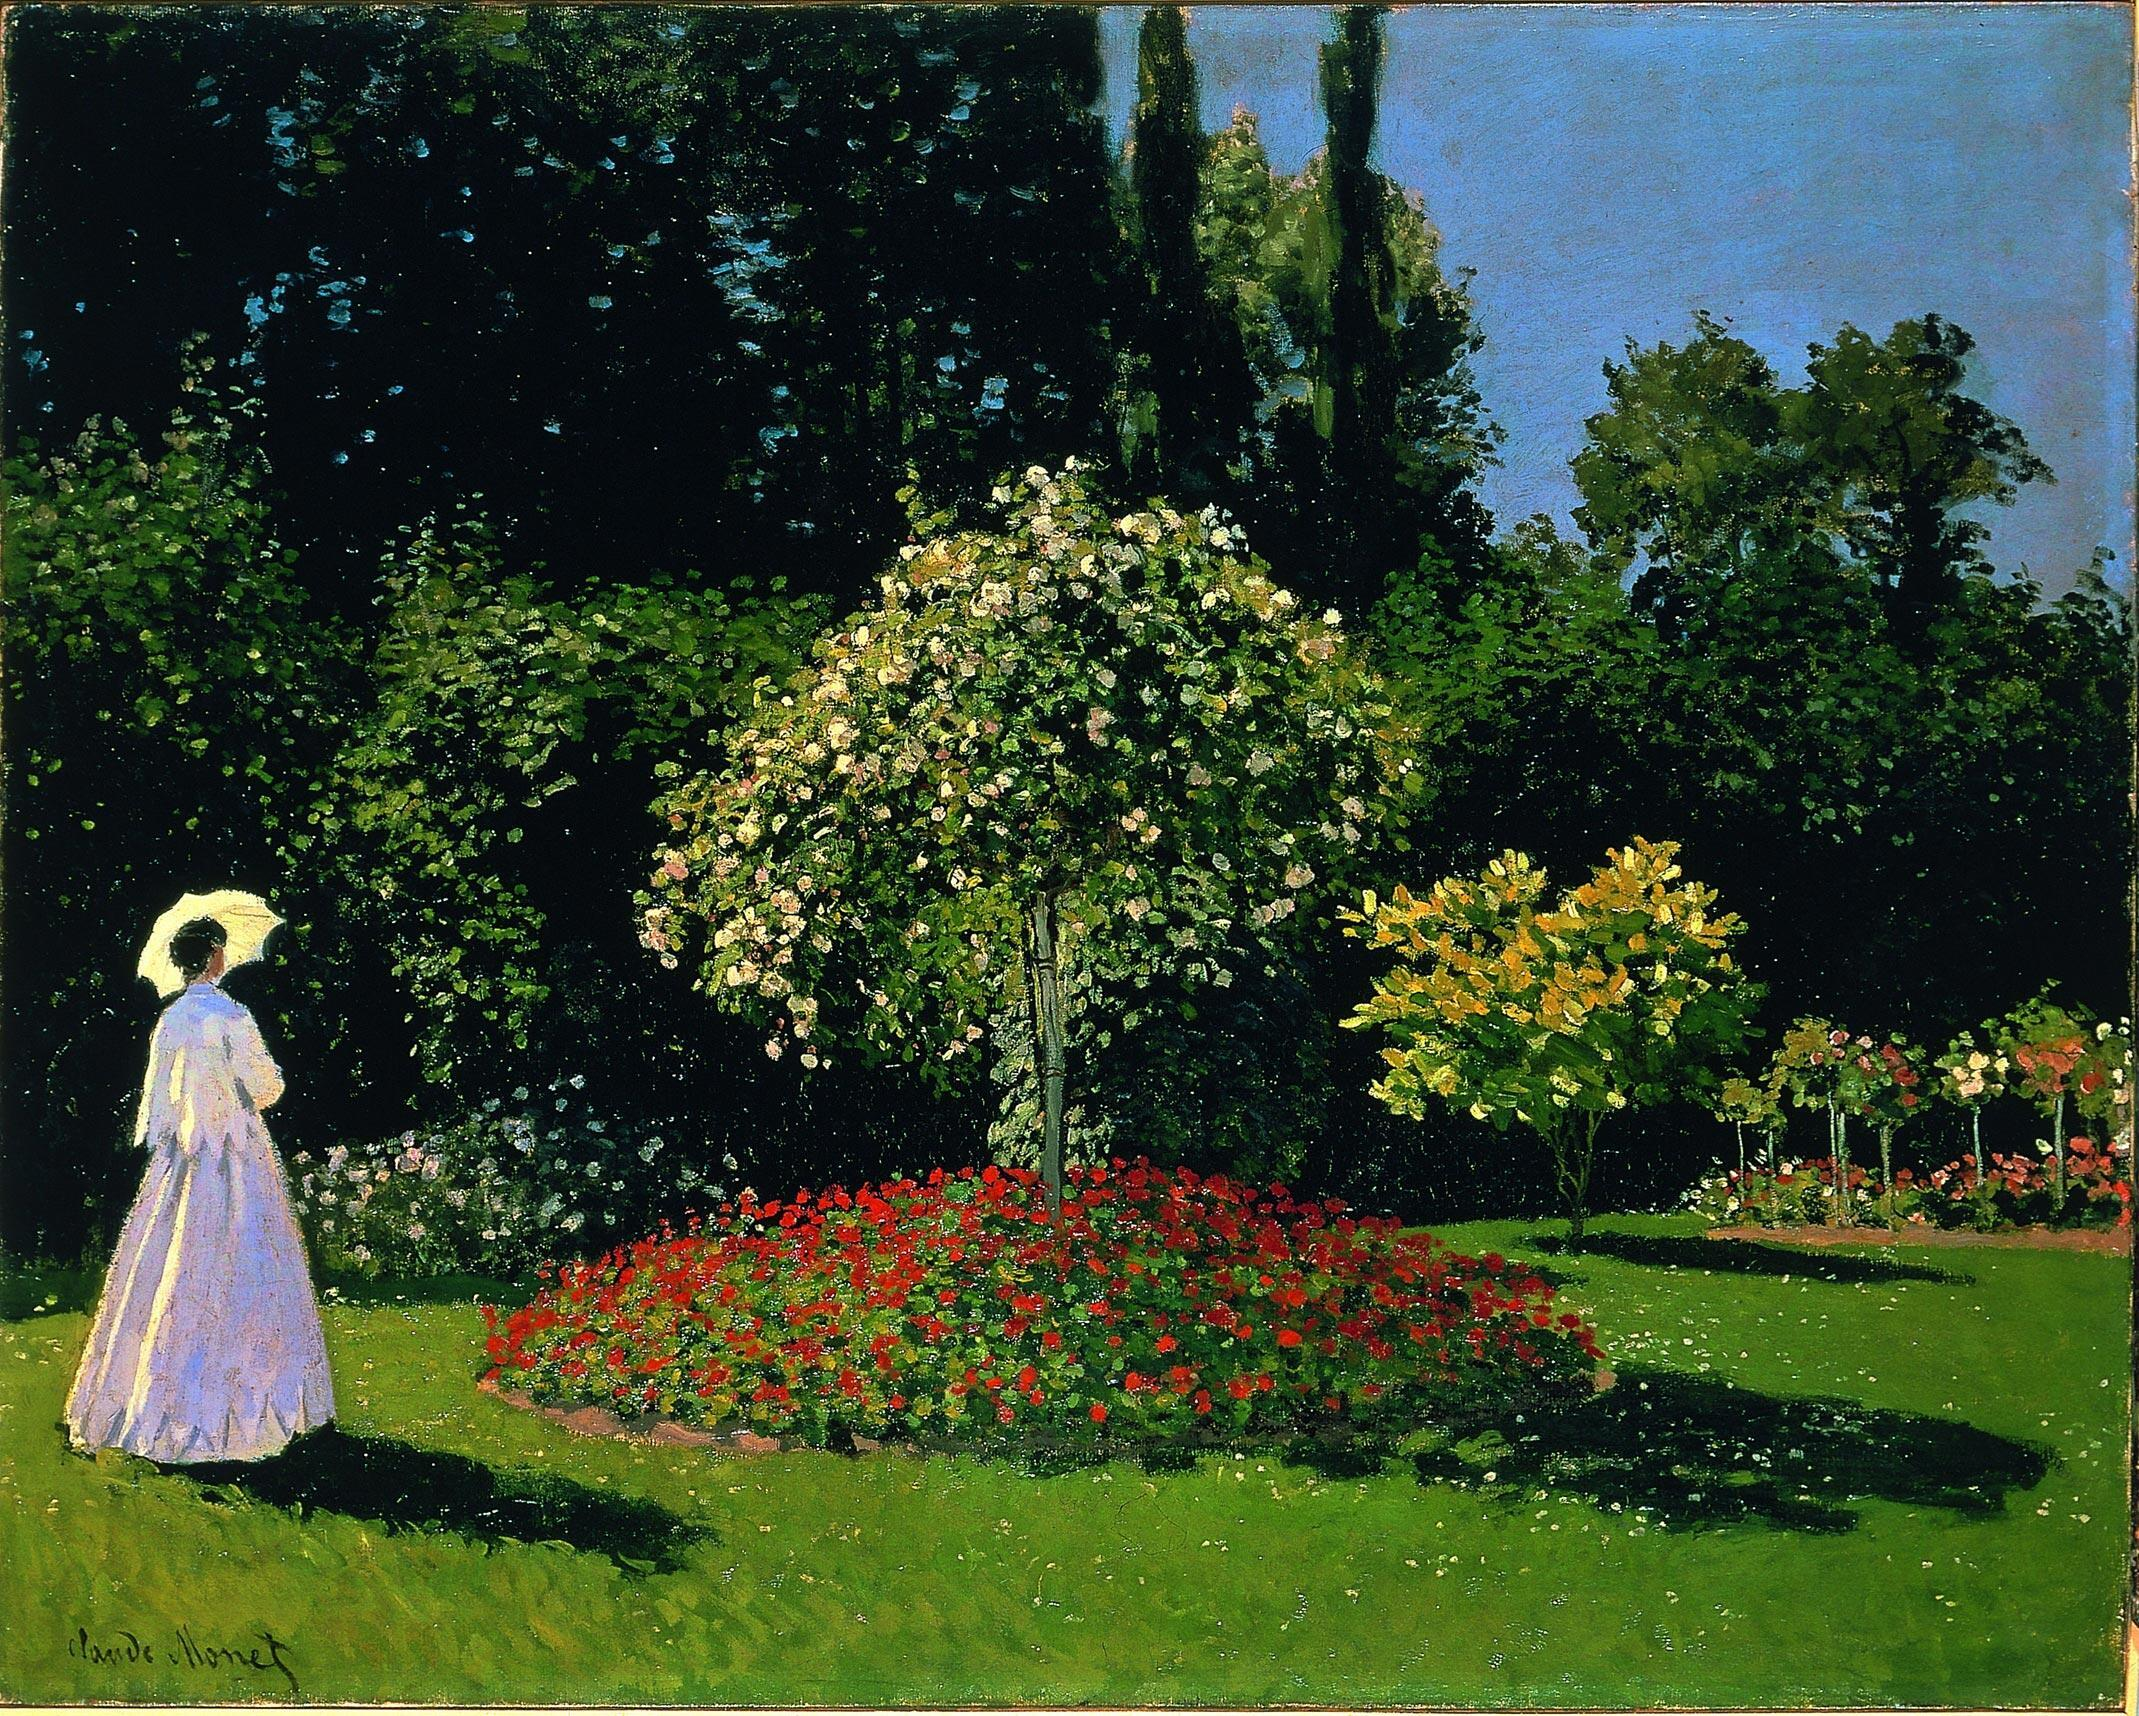 Клод Моне. Дама в саду Сент-Адресс. 1867 г. Холст/масло. 82x101 см. Эрмитаж, Санкт-Петербург.